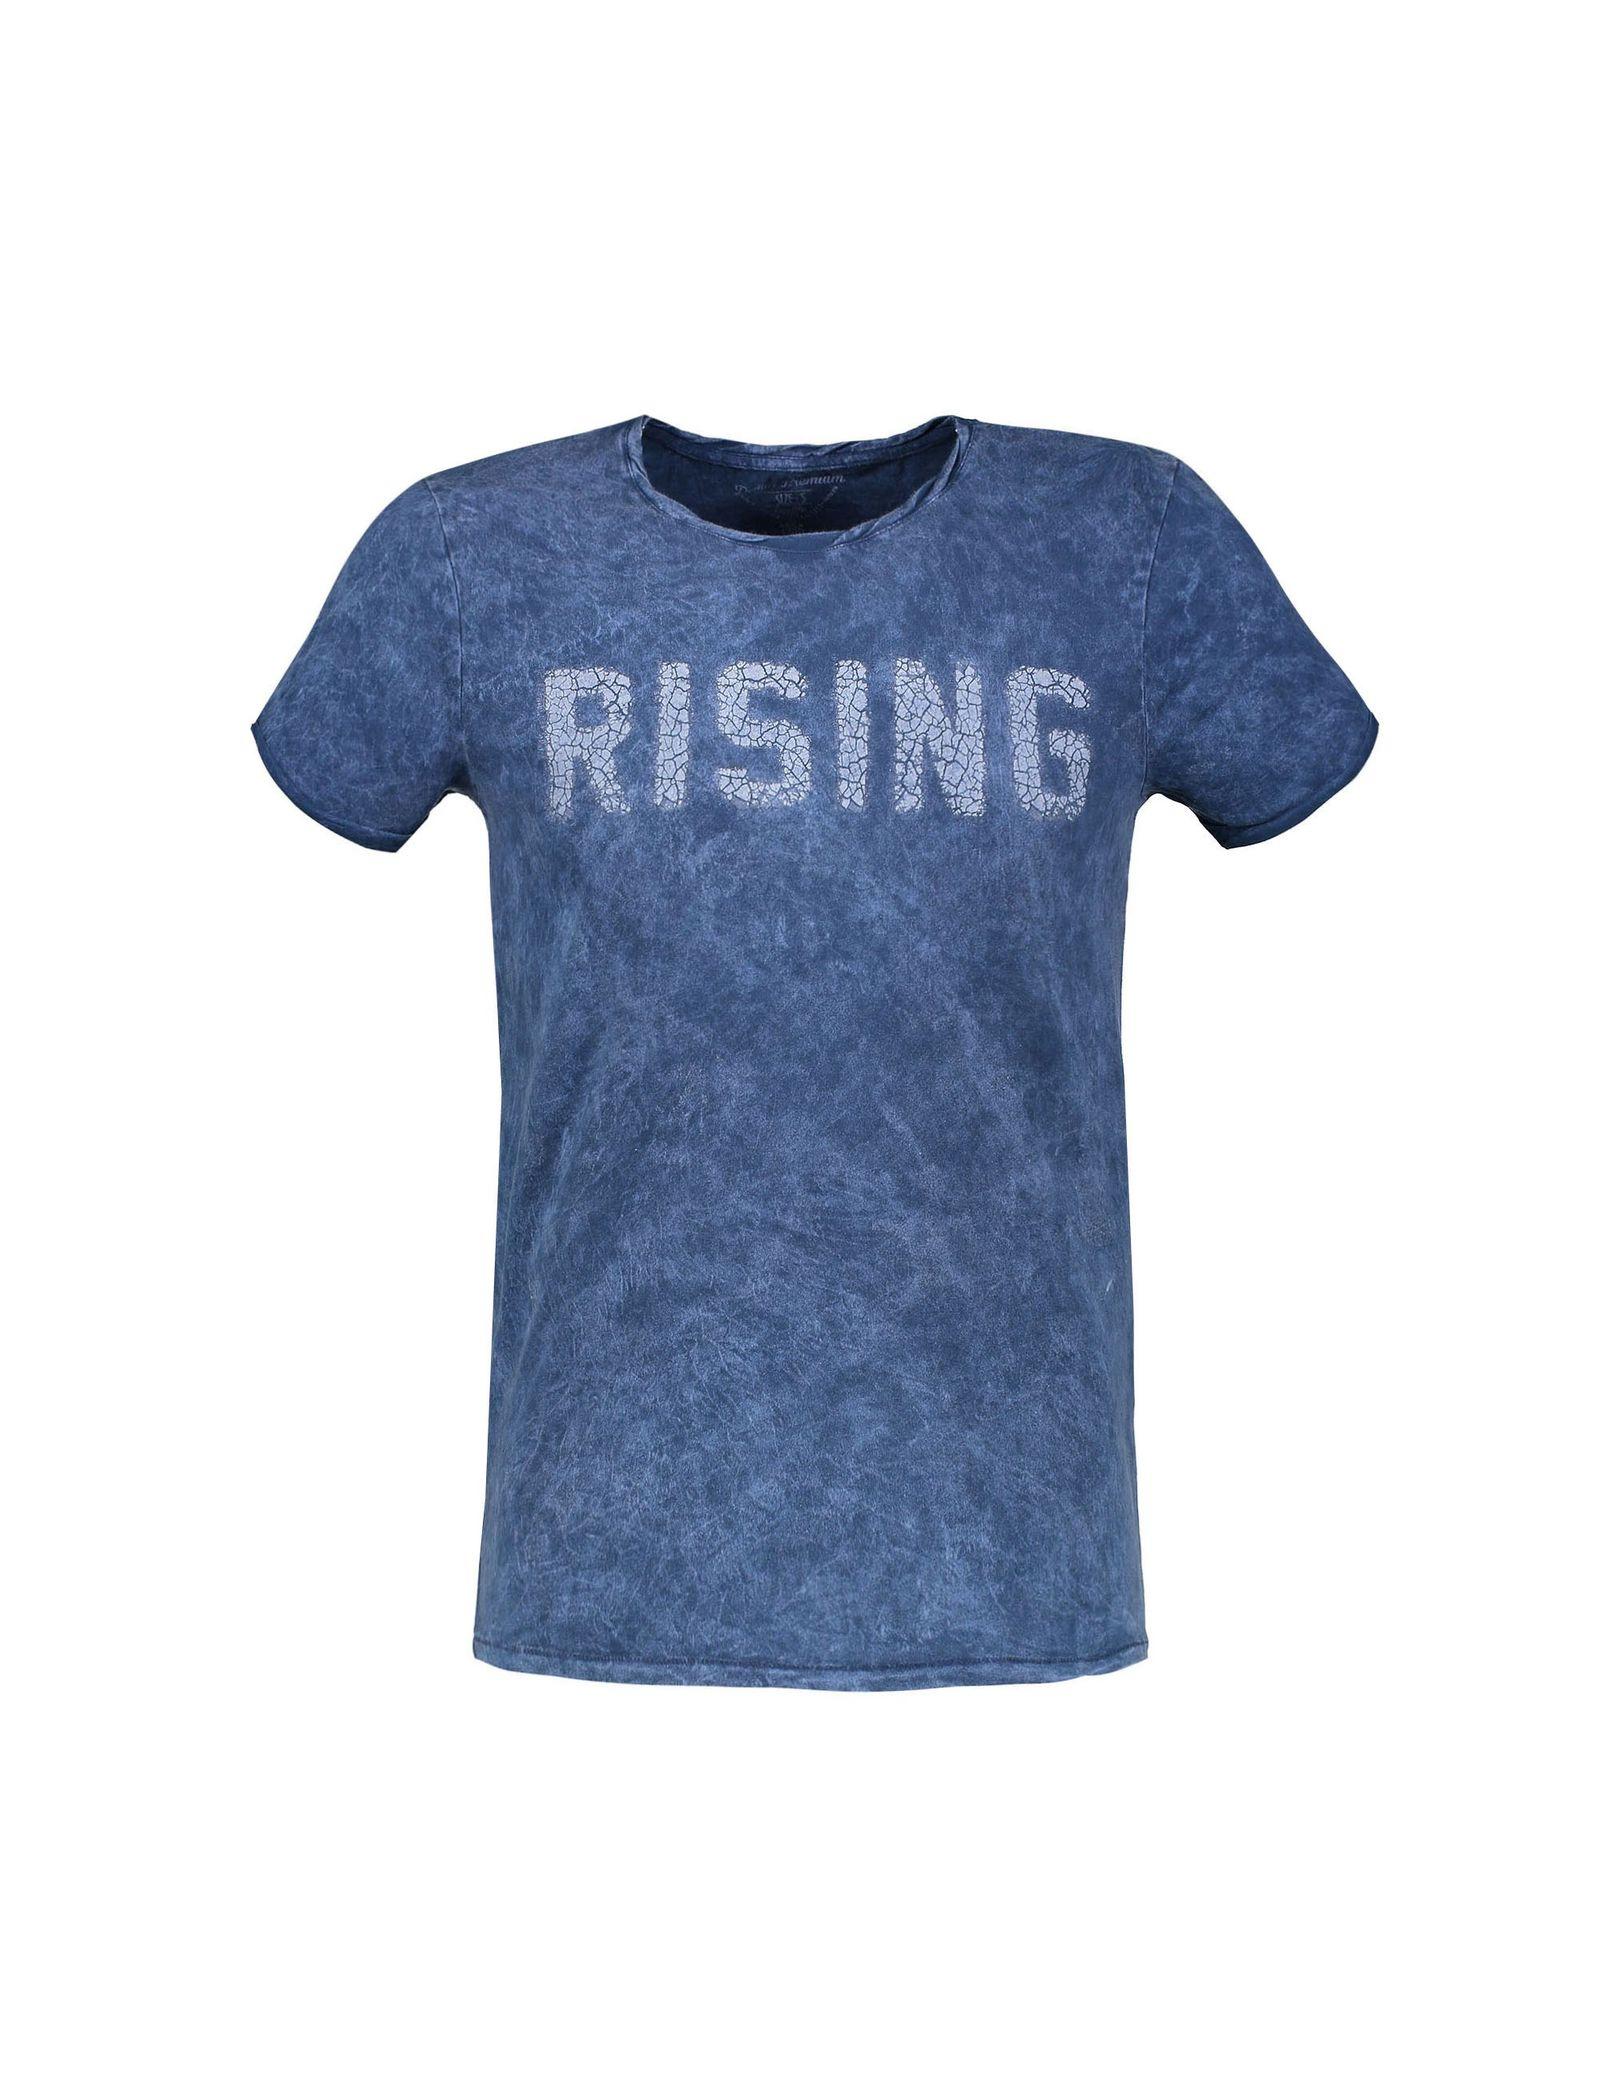 تی شرت نخی یقه گرد مردانه - ال سی وایکیکی - آبي - 1